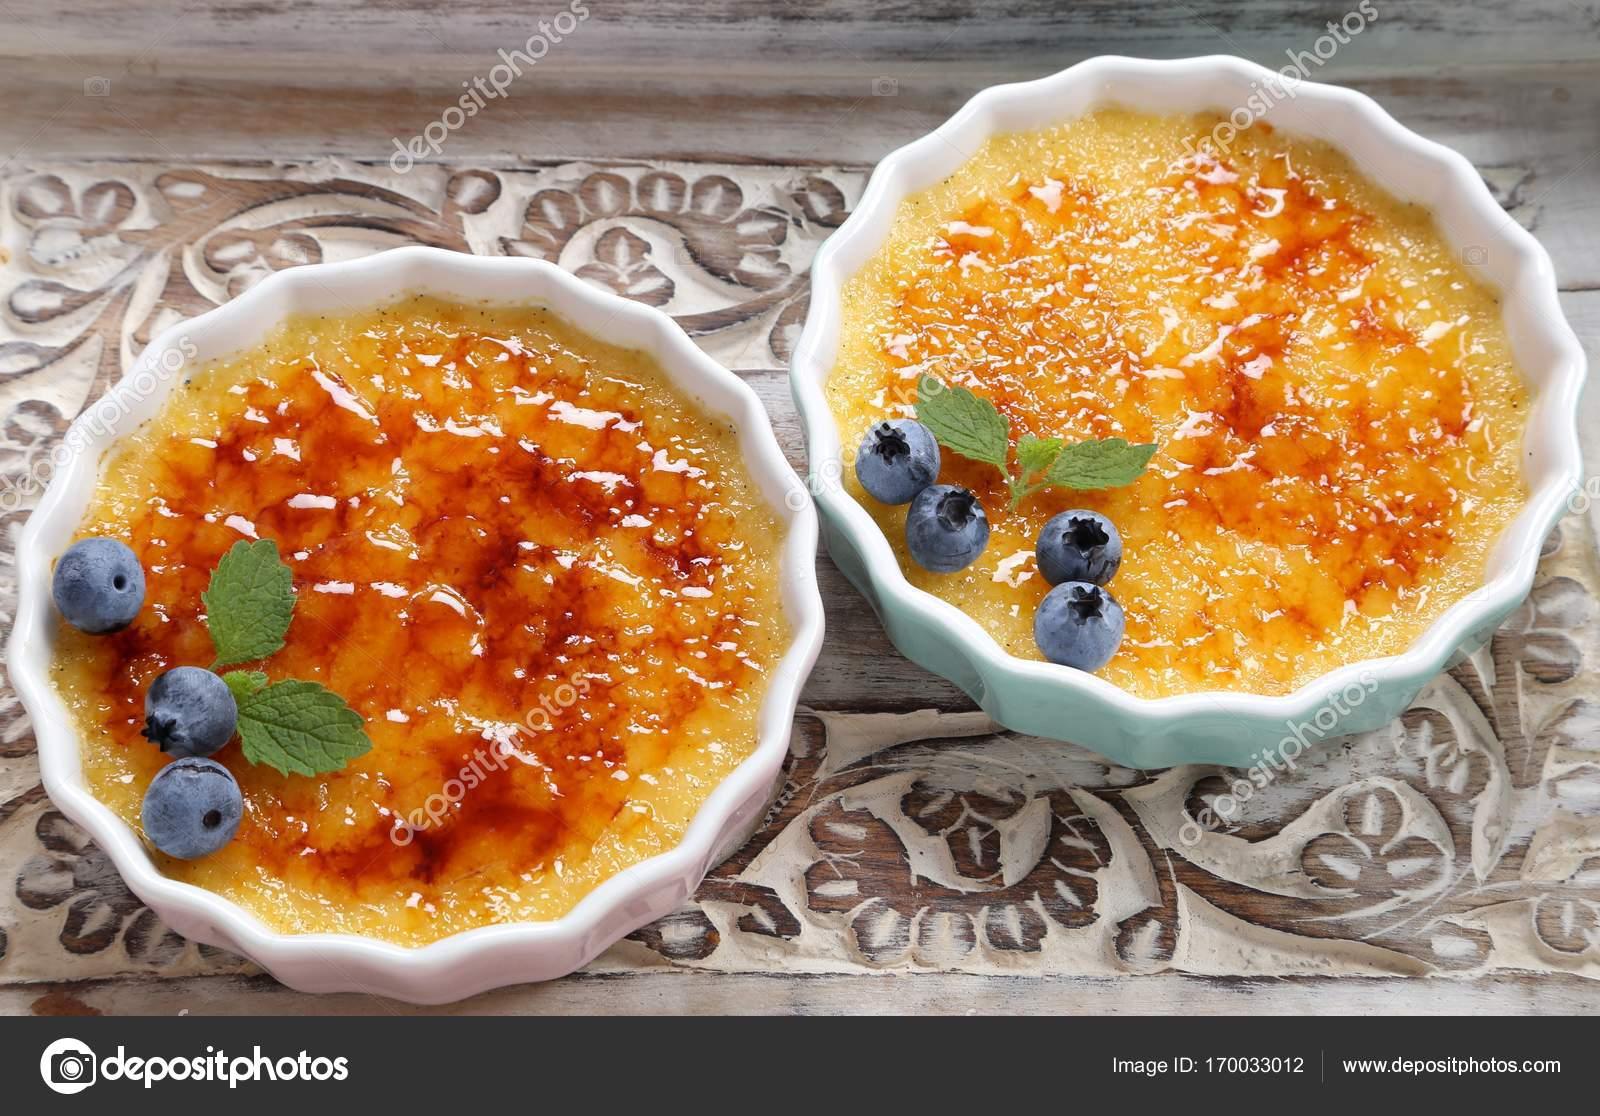 Creme Brulee Traditionelle Franzosische Vanille Creme Dessert Mit